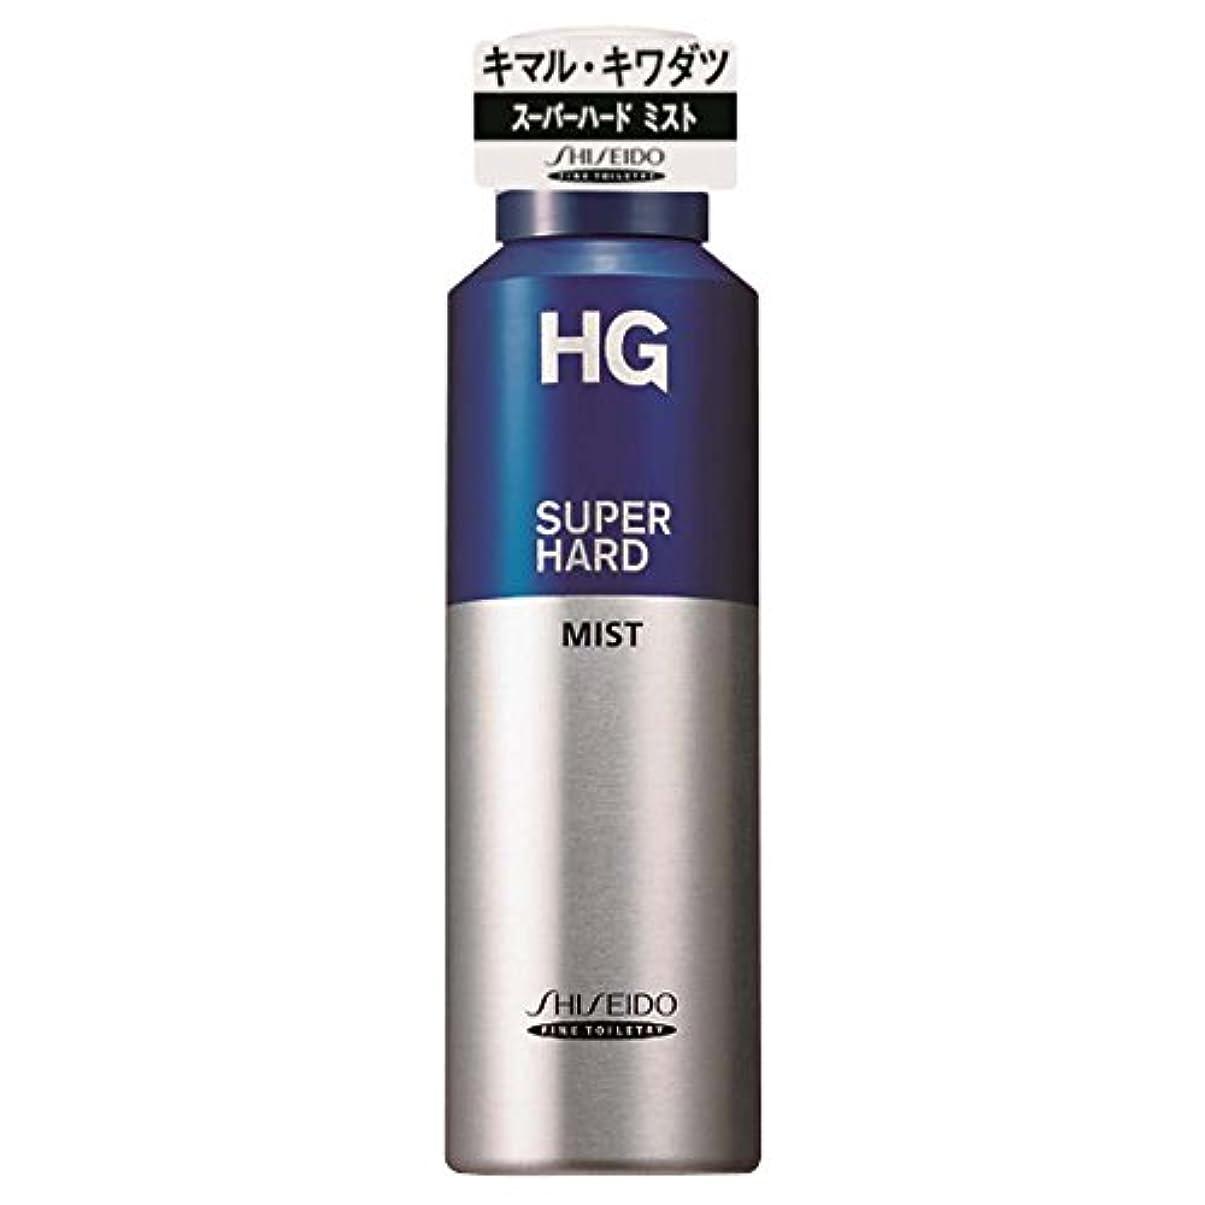 規範パース生産的HG スーパーハードミストa 【HTRC3】